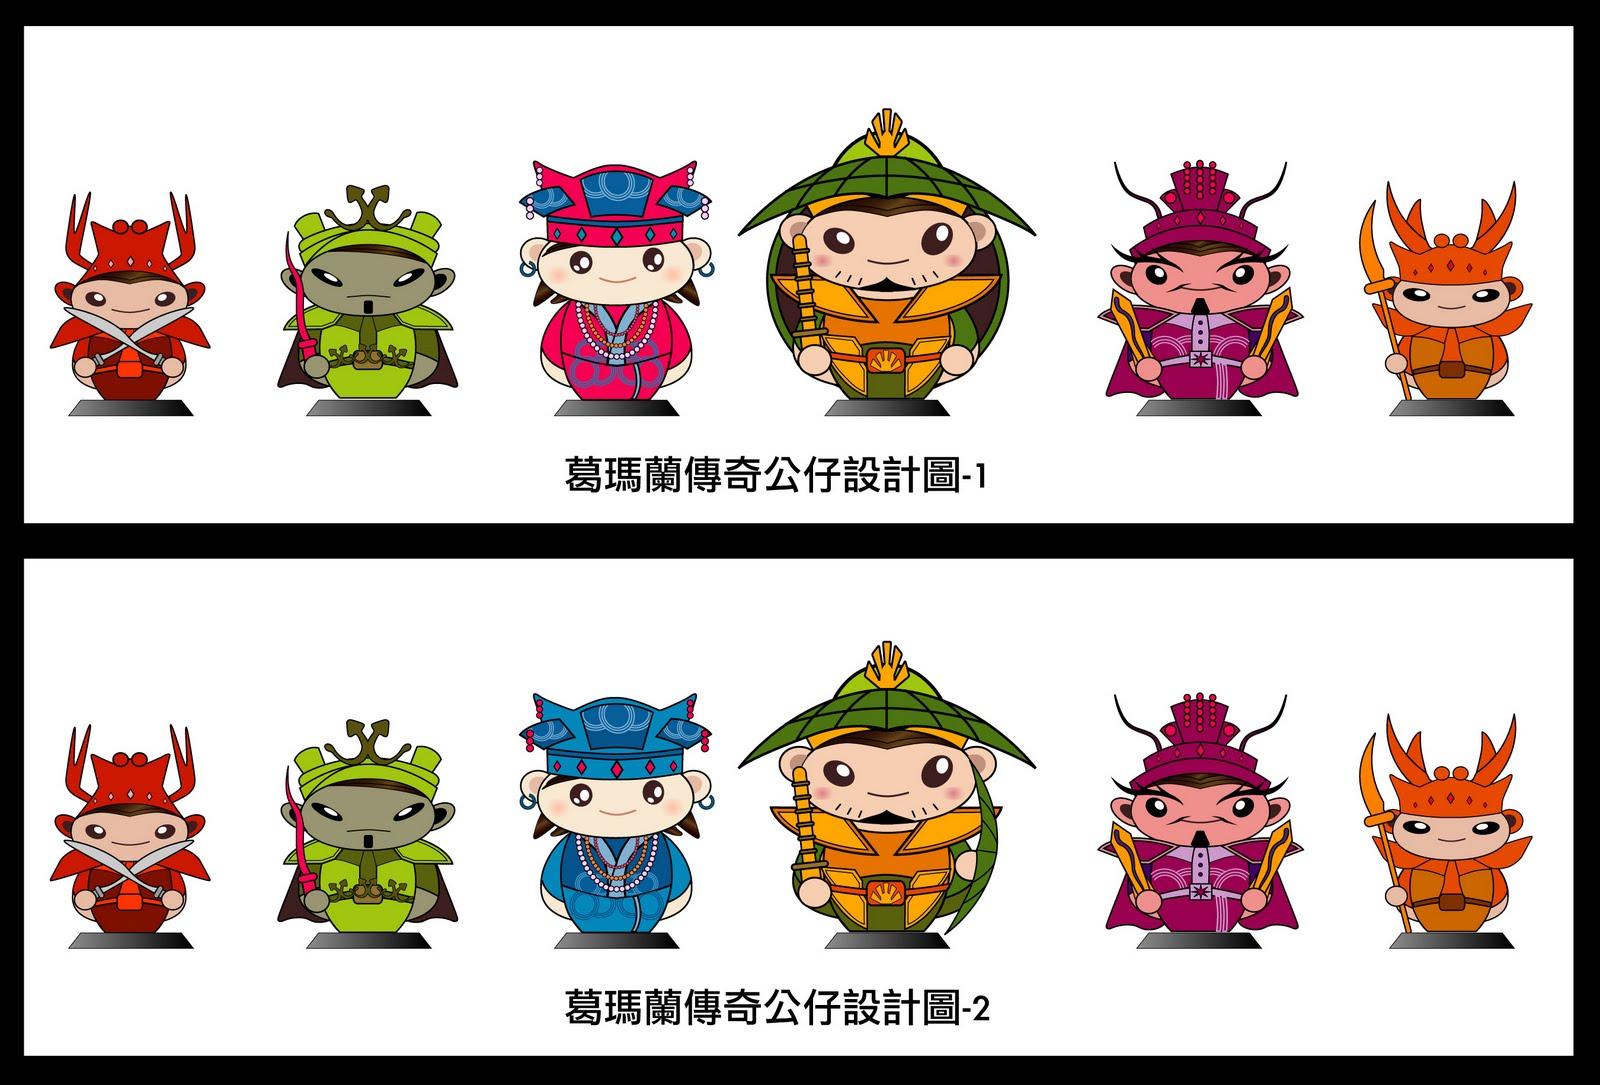 臺灣噗噗: 福爾摩莎童話 ~ 【烏龜將軍與公主的故事 ( 精簡版